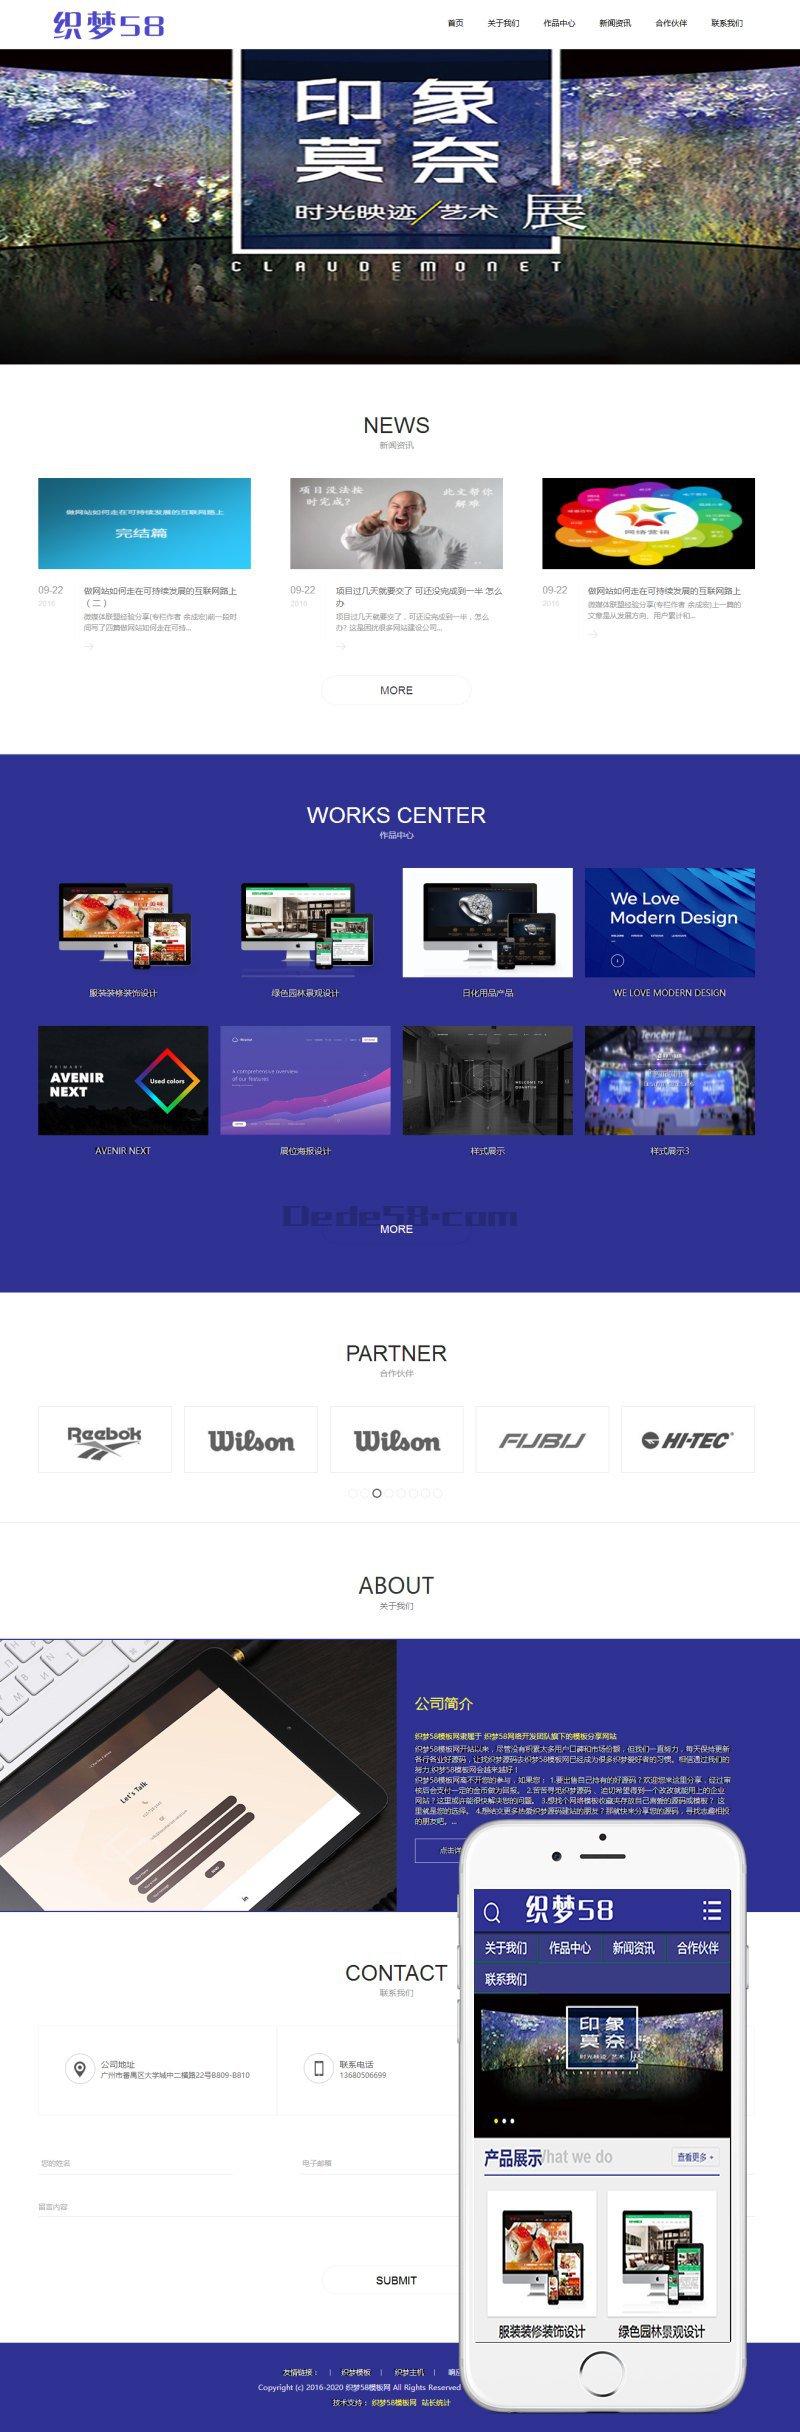 高端视觉创意展位设计织梦dedecms模板(带手机端)